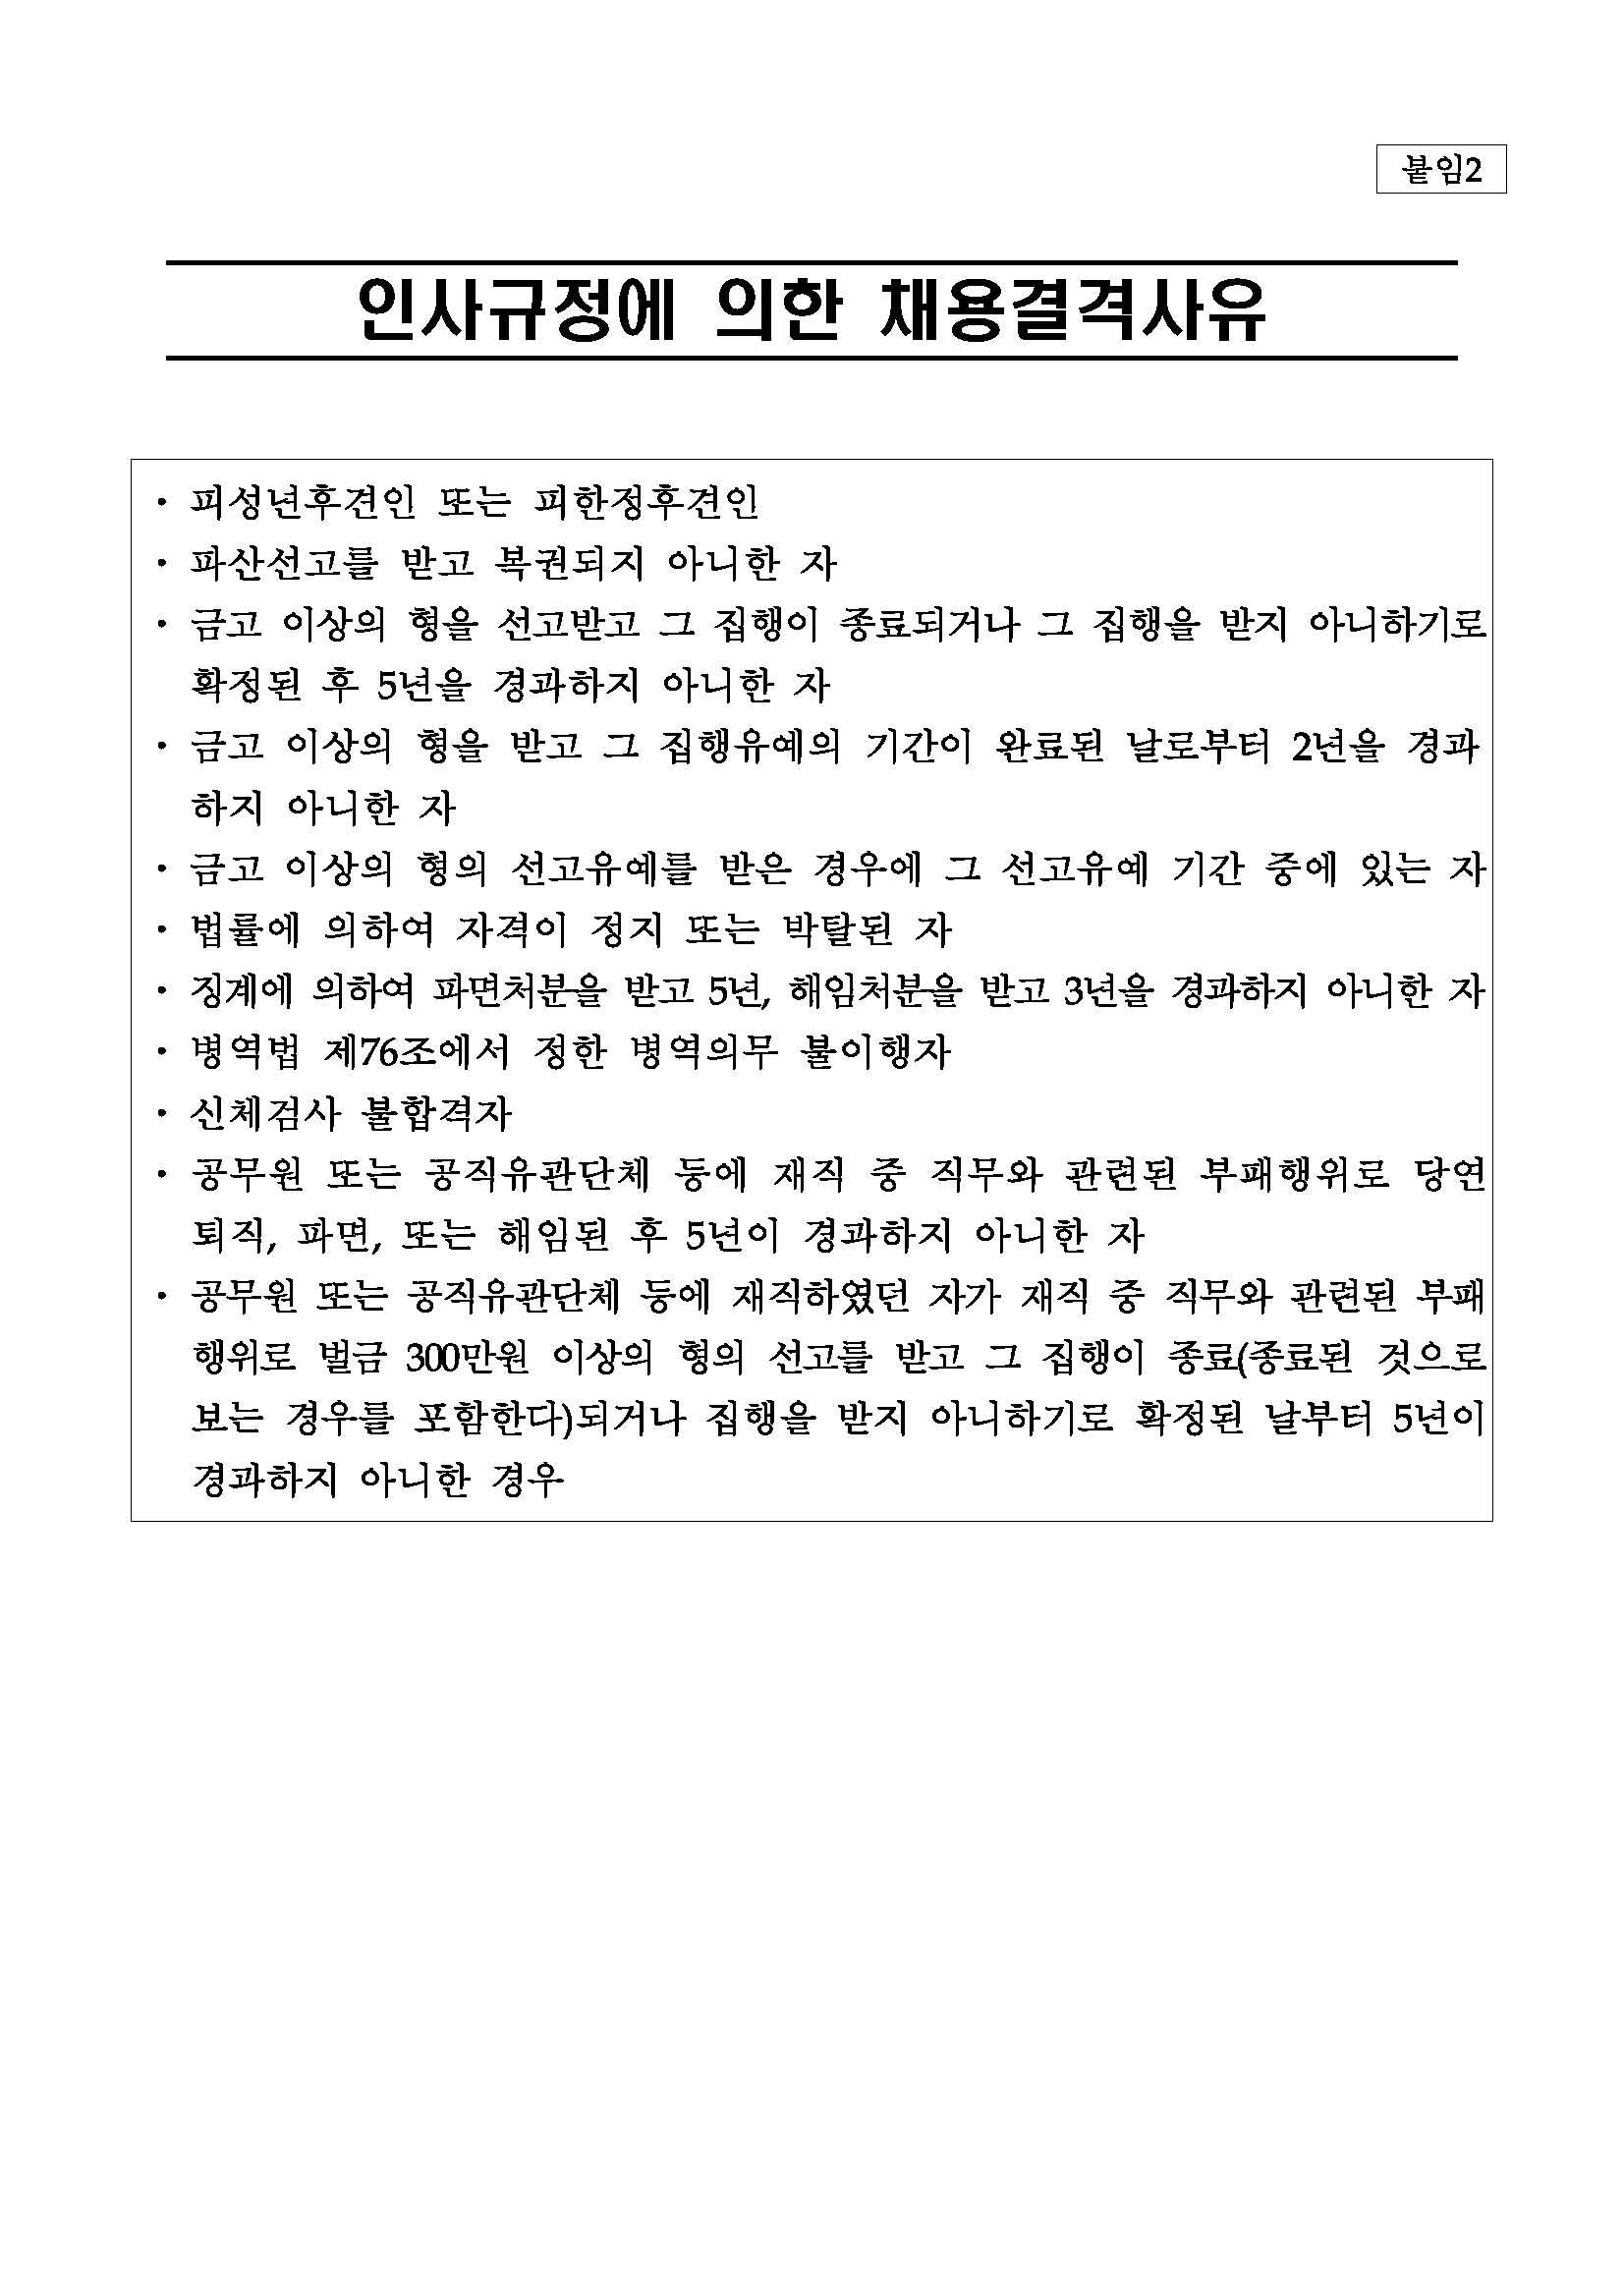 2017년 하반기 일반직 신입사원(채용형 인턴) 일반공채 공고문_페이지_13.jpg